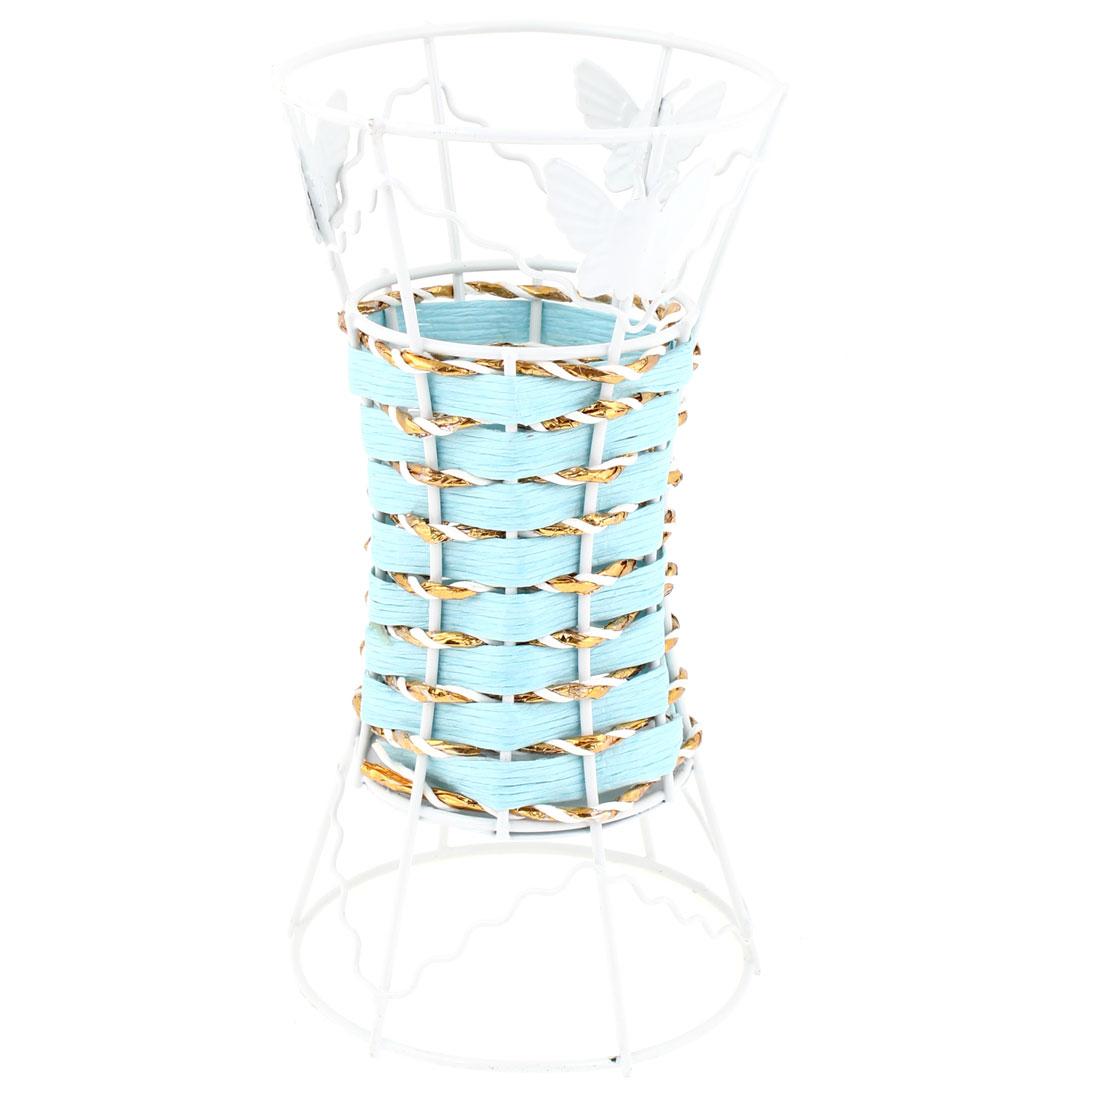 Househlod Butterfly Decoration Light Blue Sundries Storage Vase Basket Holder